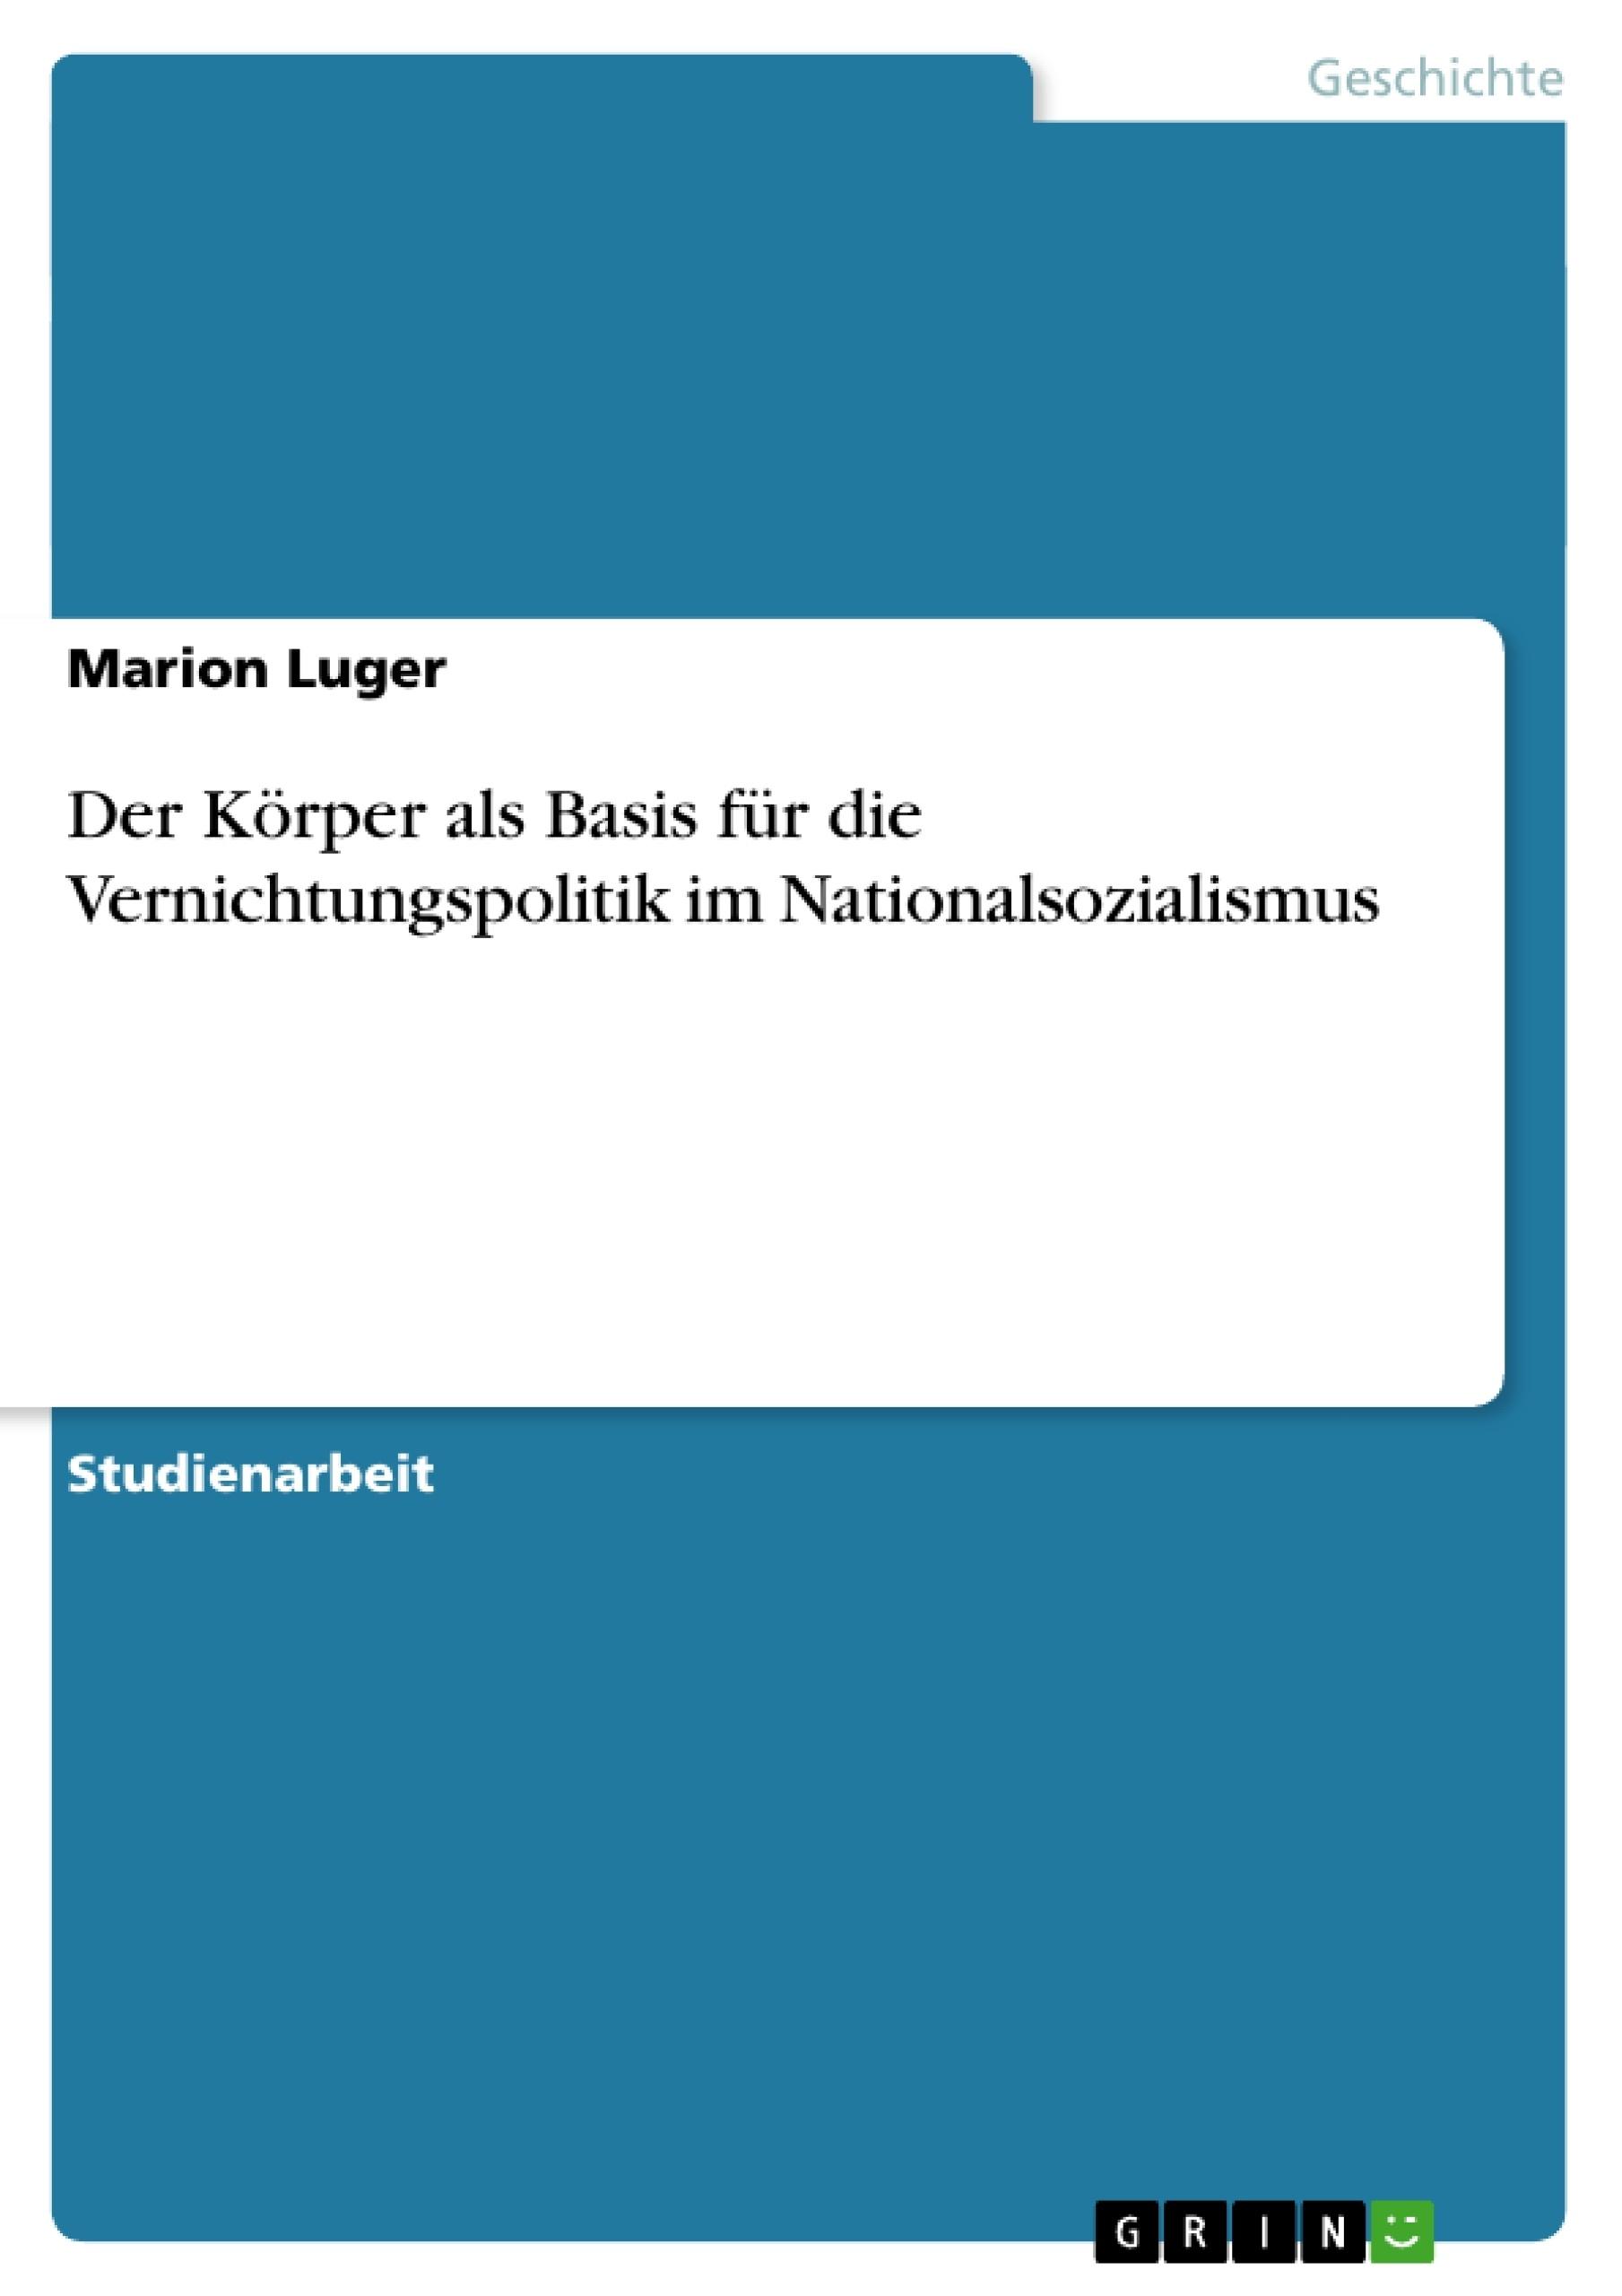 Titel: Der Körper als Basis für die Vernichtungspolitik im Nationalsozialismus